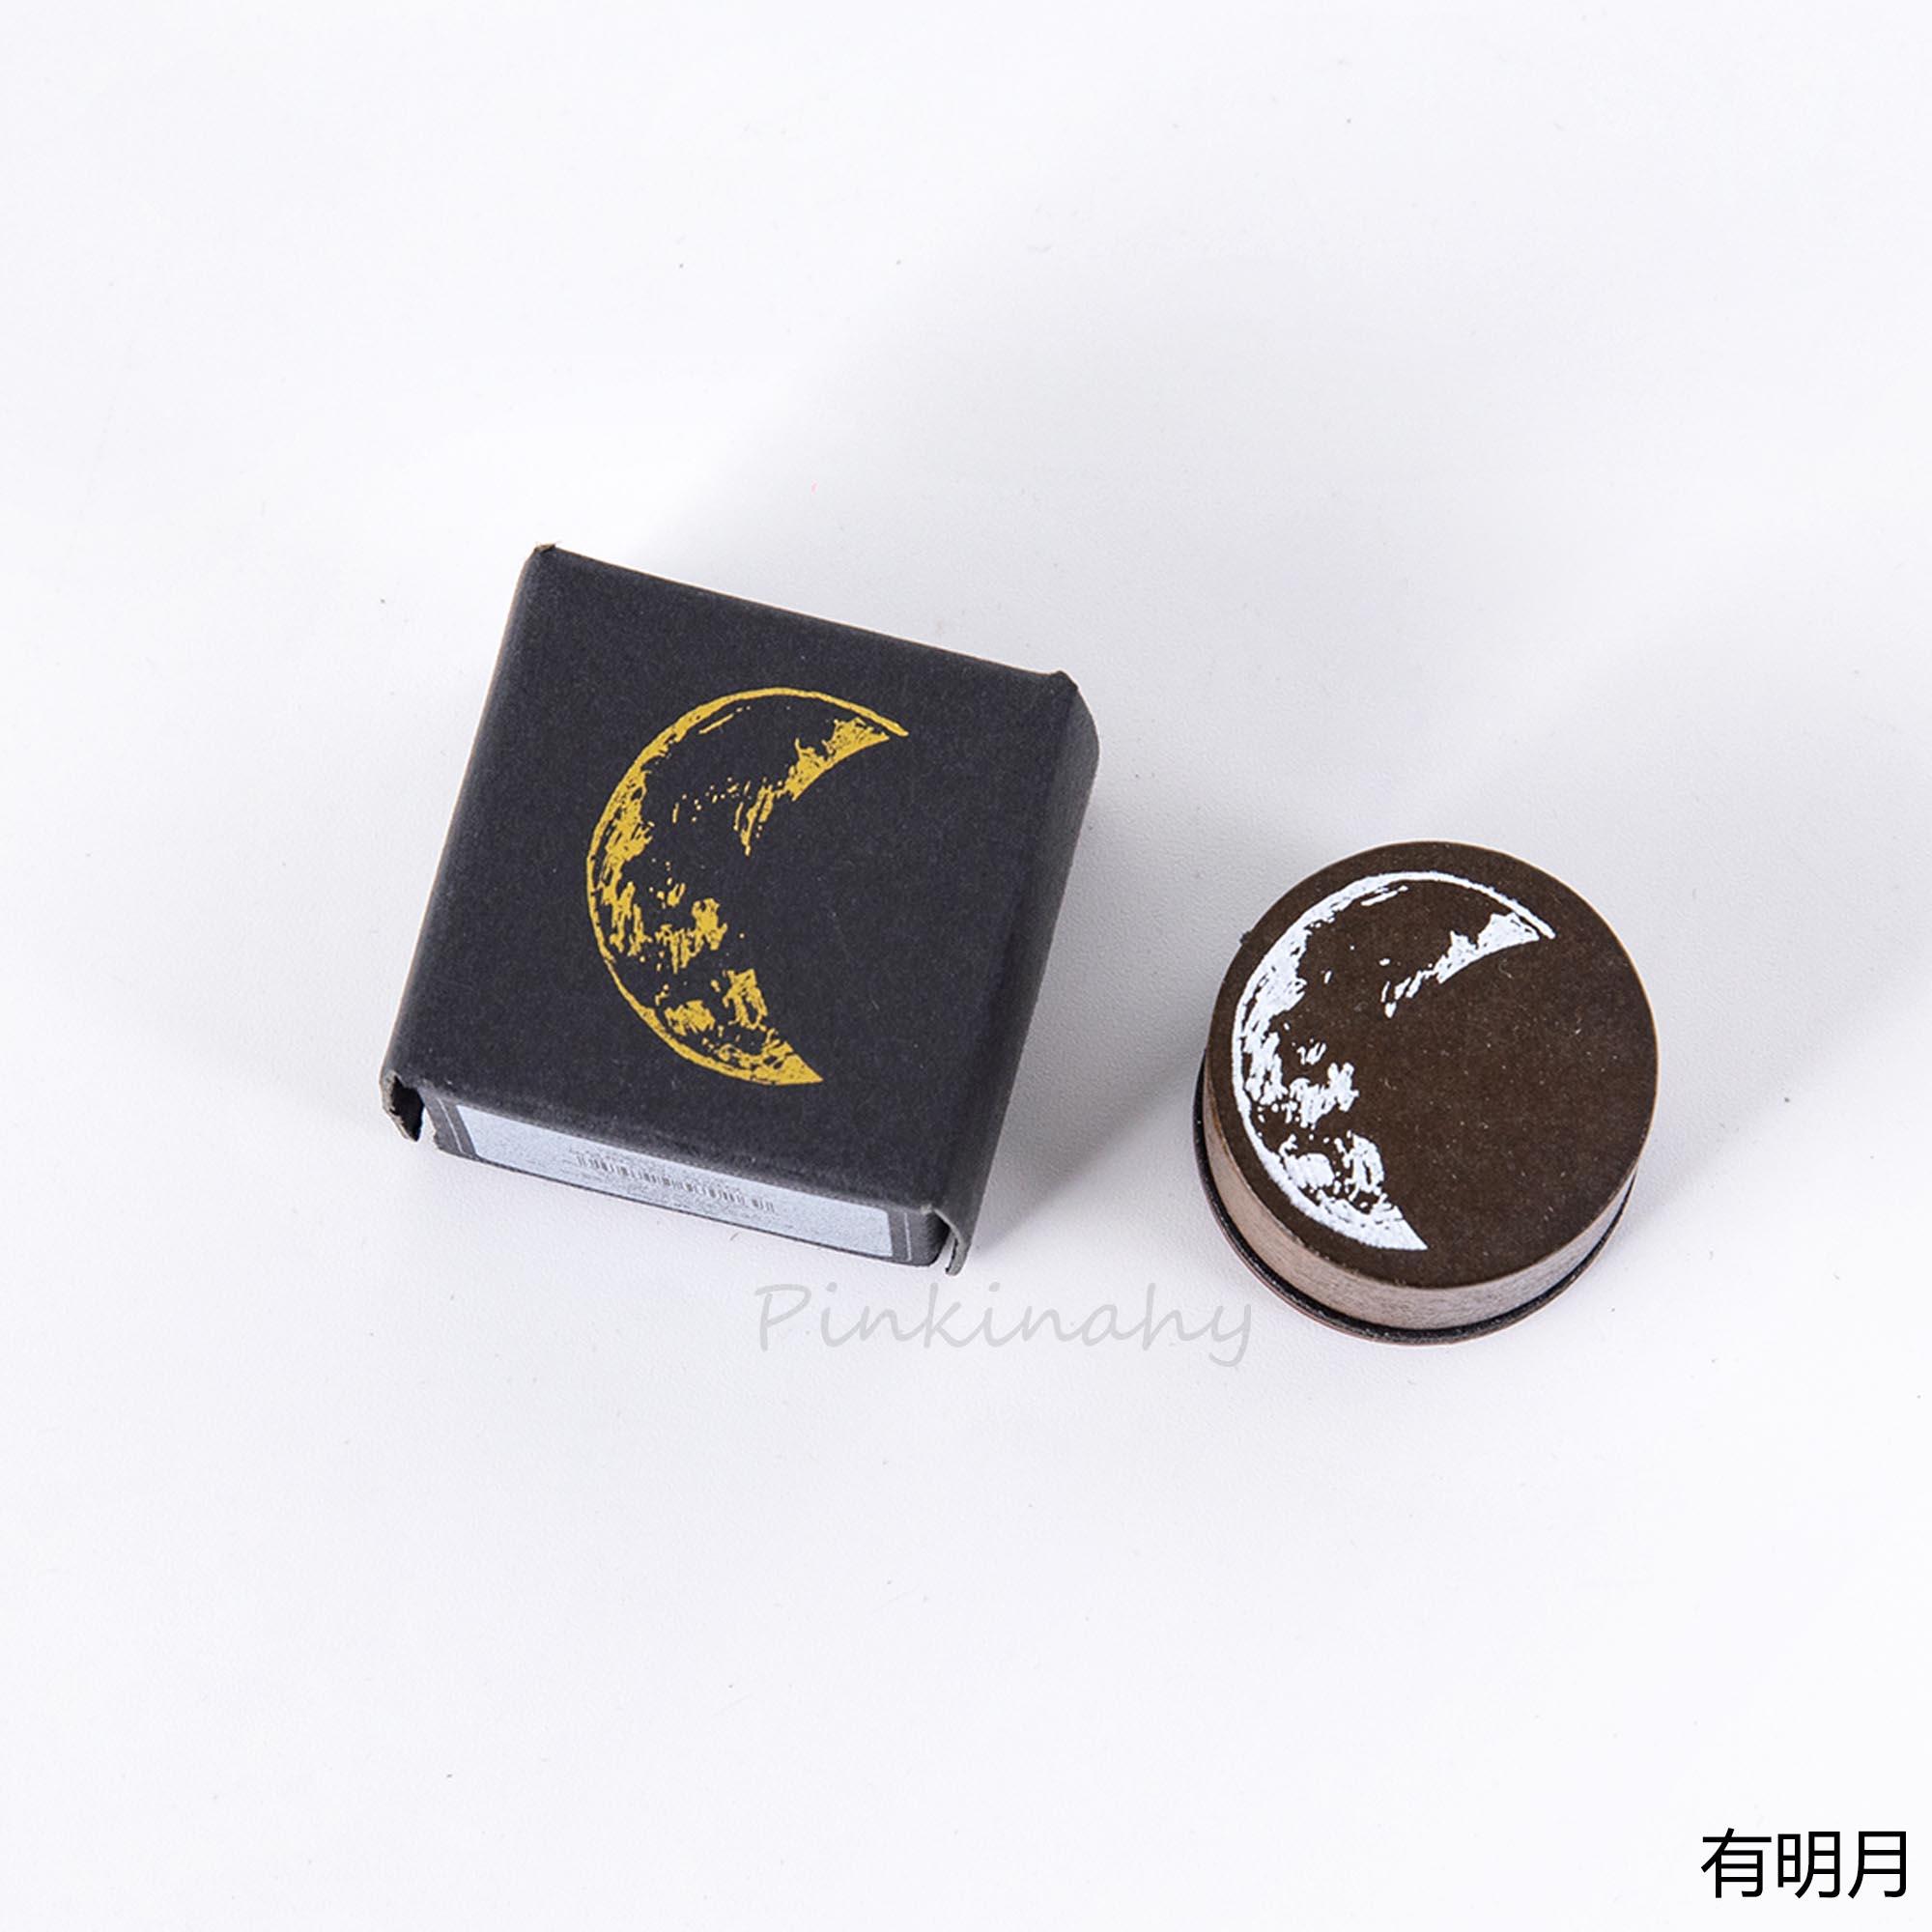 Винтажные фазы Луны планеты круглое уплотнение DIY Деревянные и резиновые штампы для скрапбукинга канцелярские товары Скрапбукинг Стандартный штамп - Цвет: 7